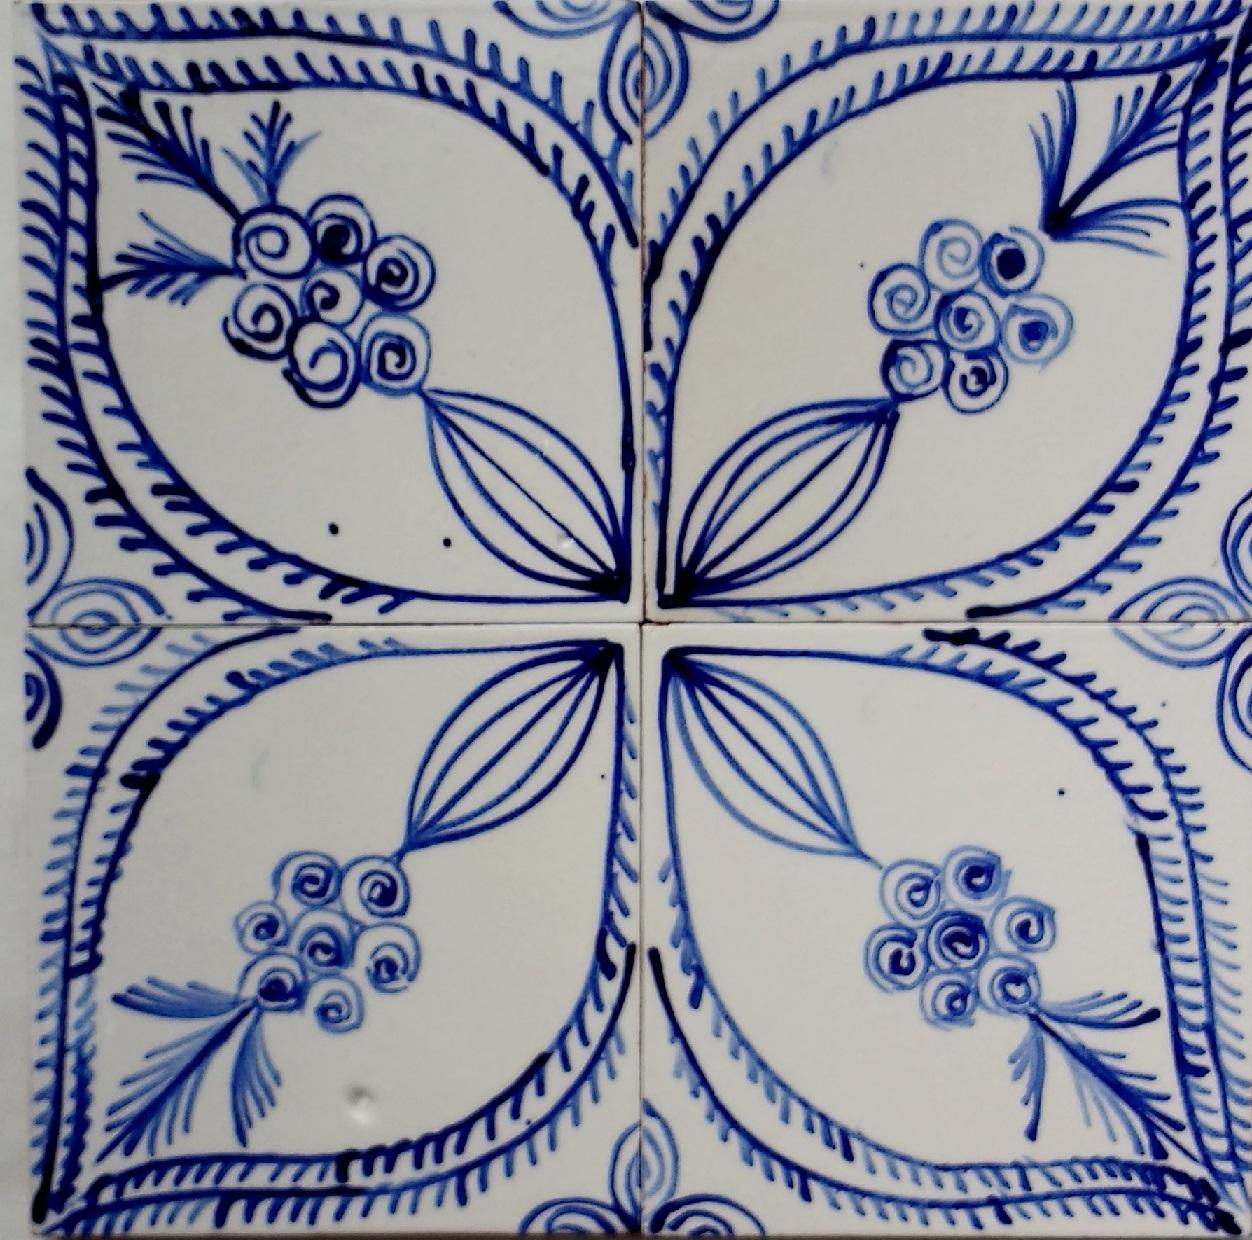 azulejos-floral-3